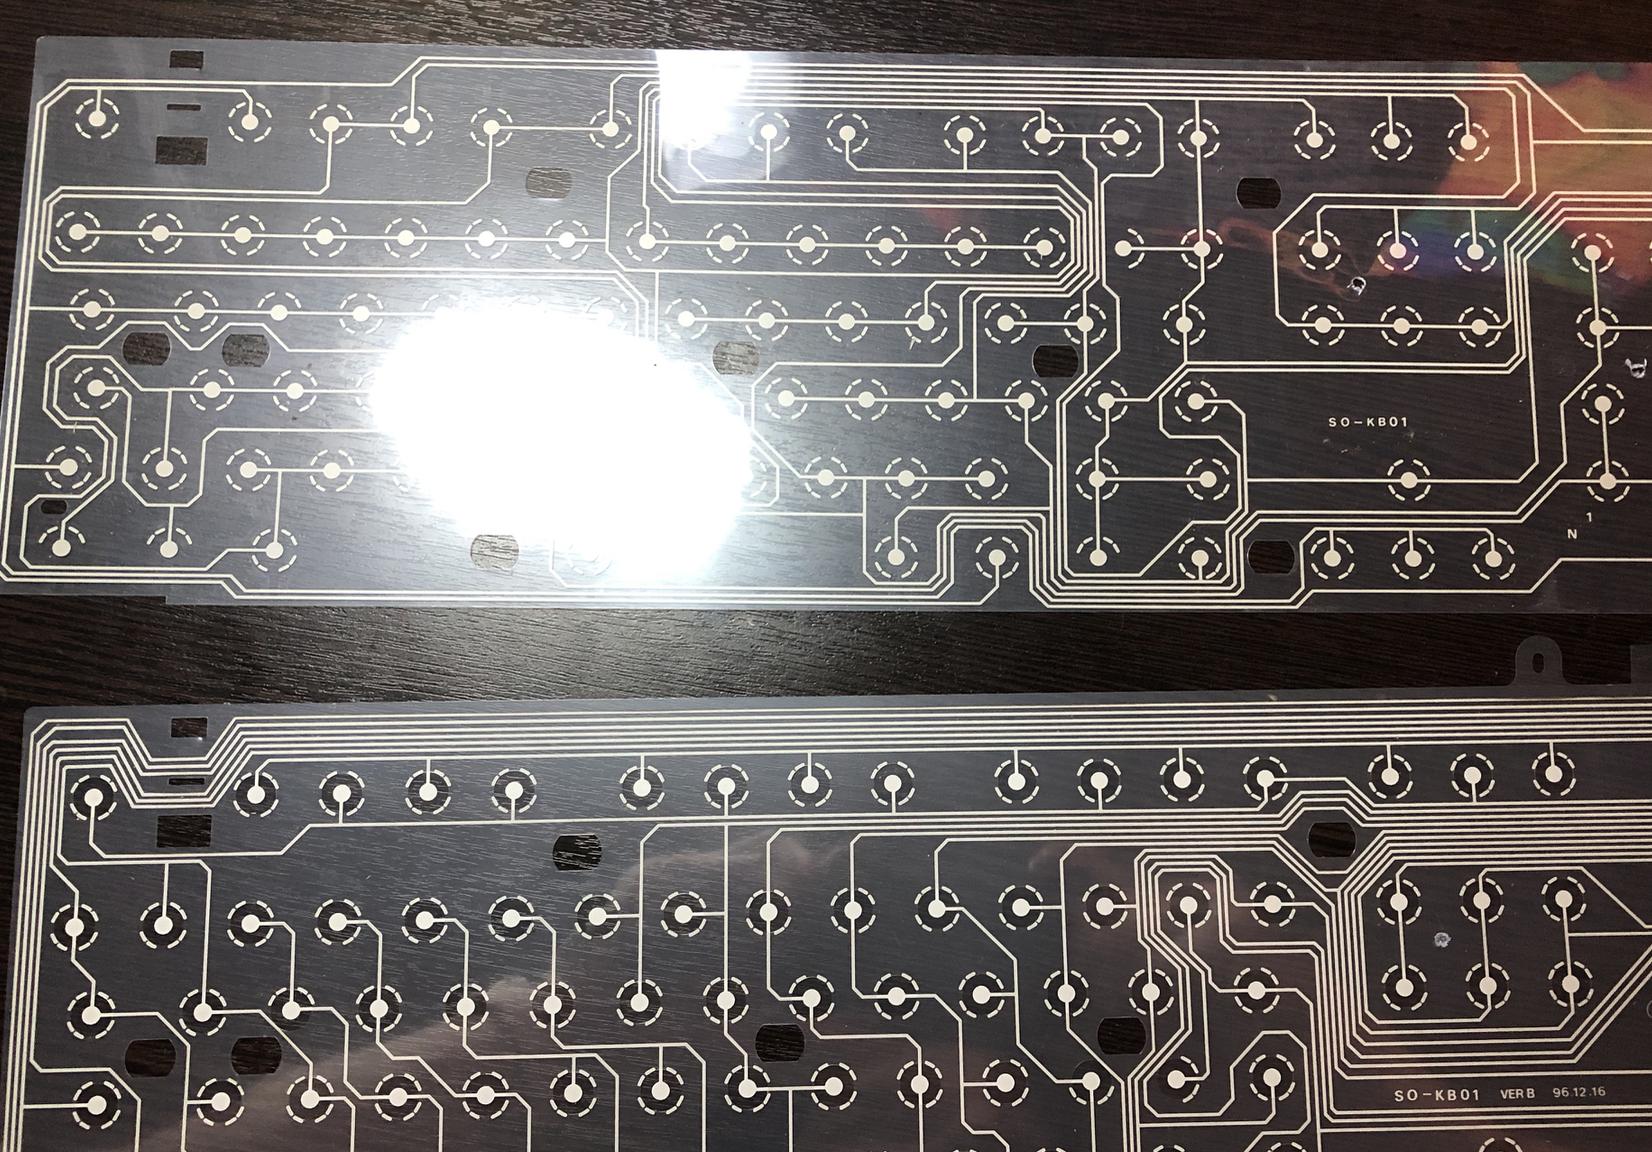 Мембрана клавиатуры состоит из двух или трех прозрачных пластин с контактными площадками, реагирующими на нажатие, разъединяем их